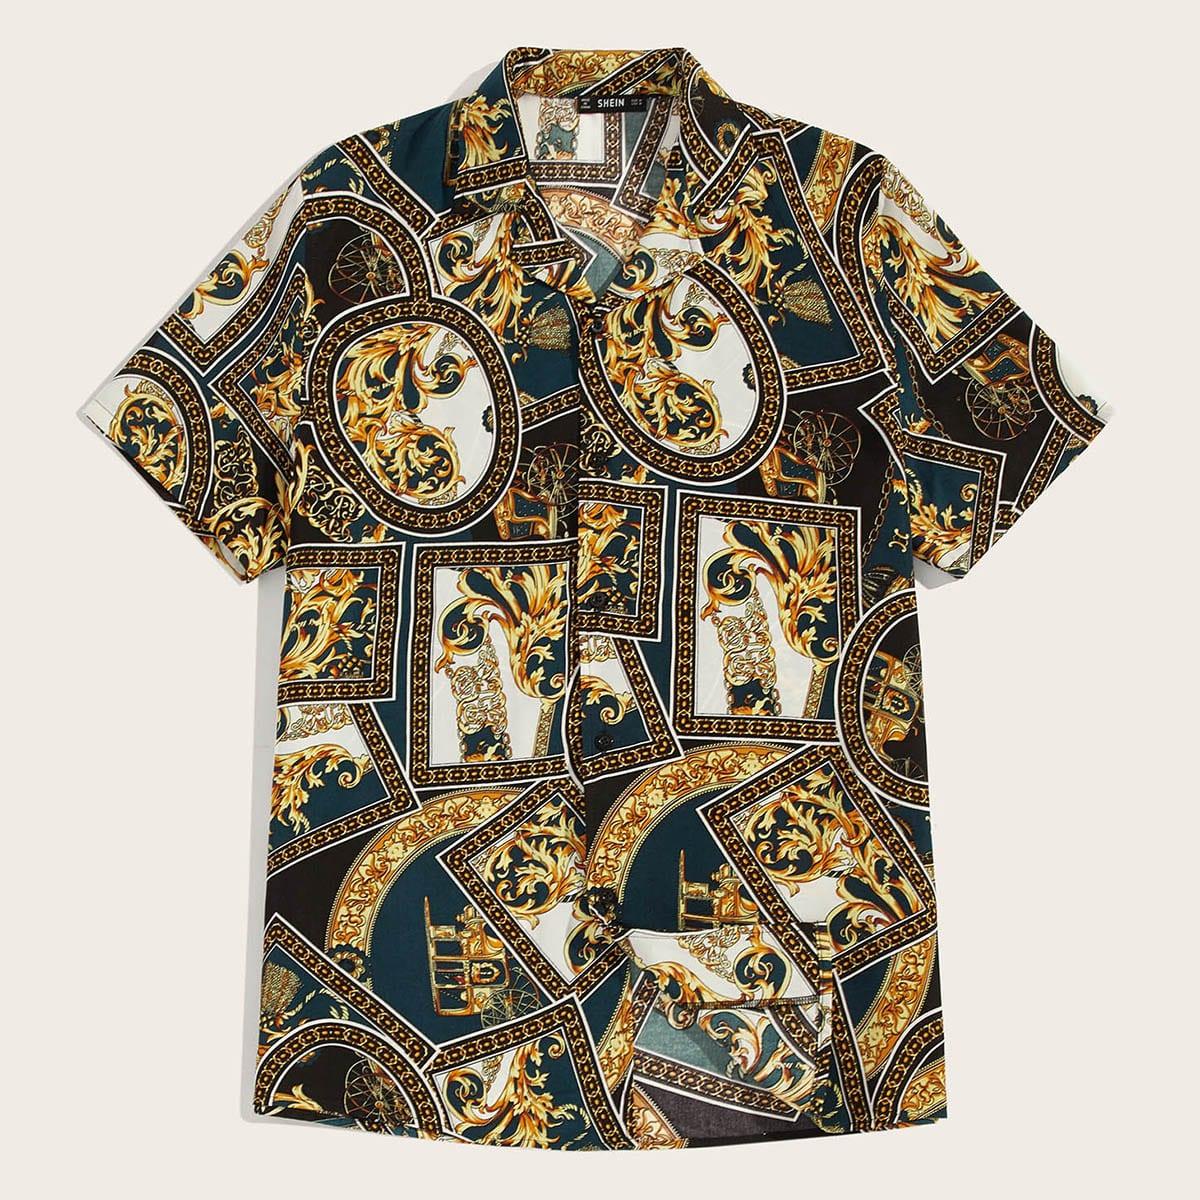 Veel kleurig Casual Sjaal Print Overhemden voor heren Voorpand met Knoopjes